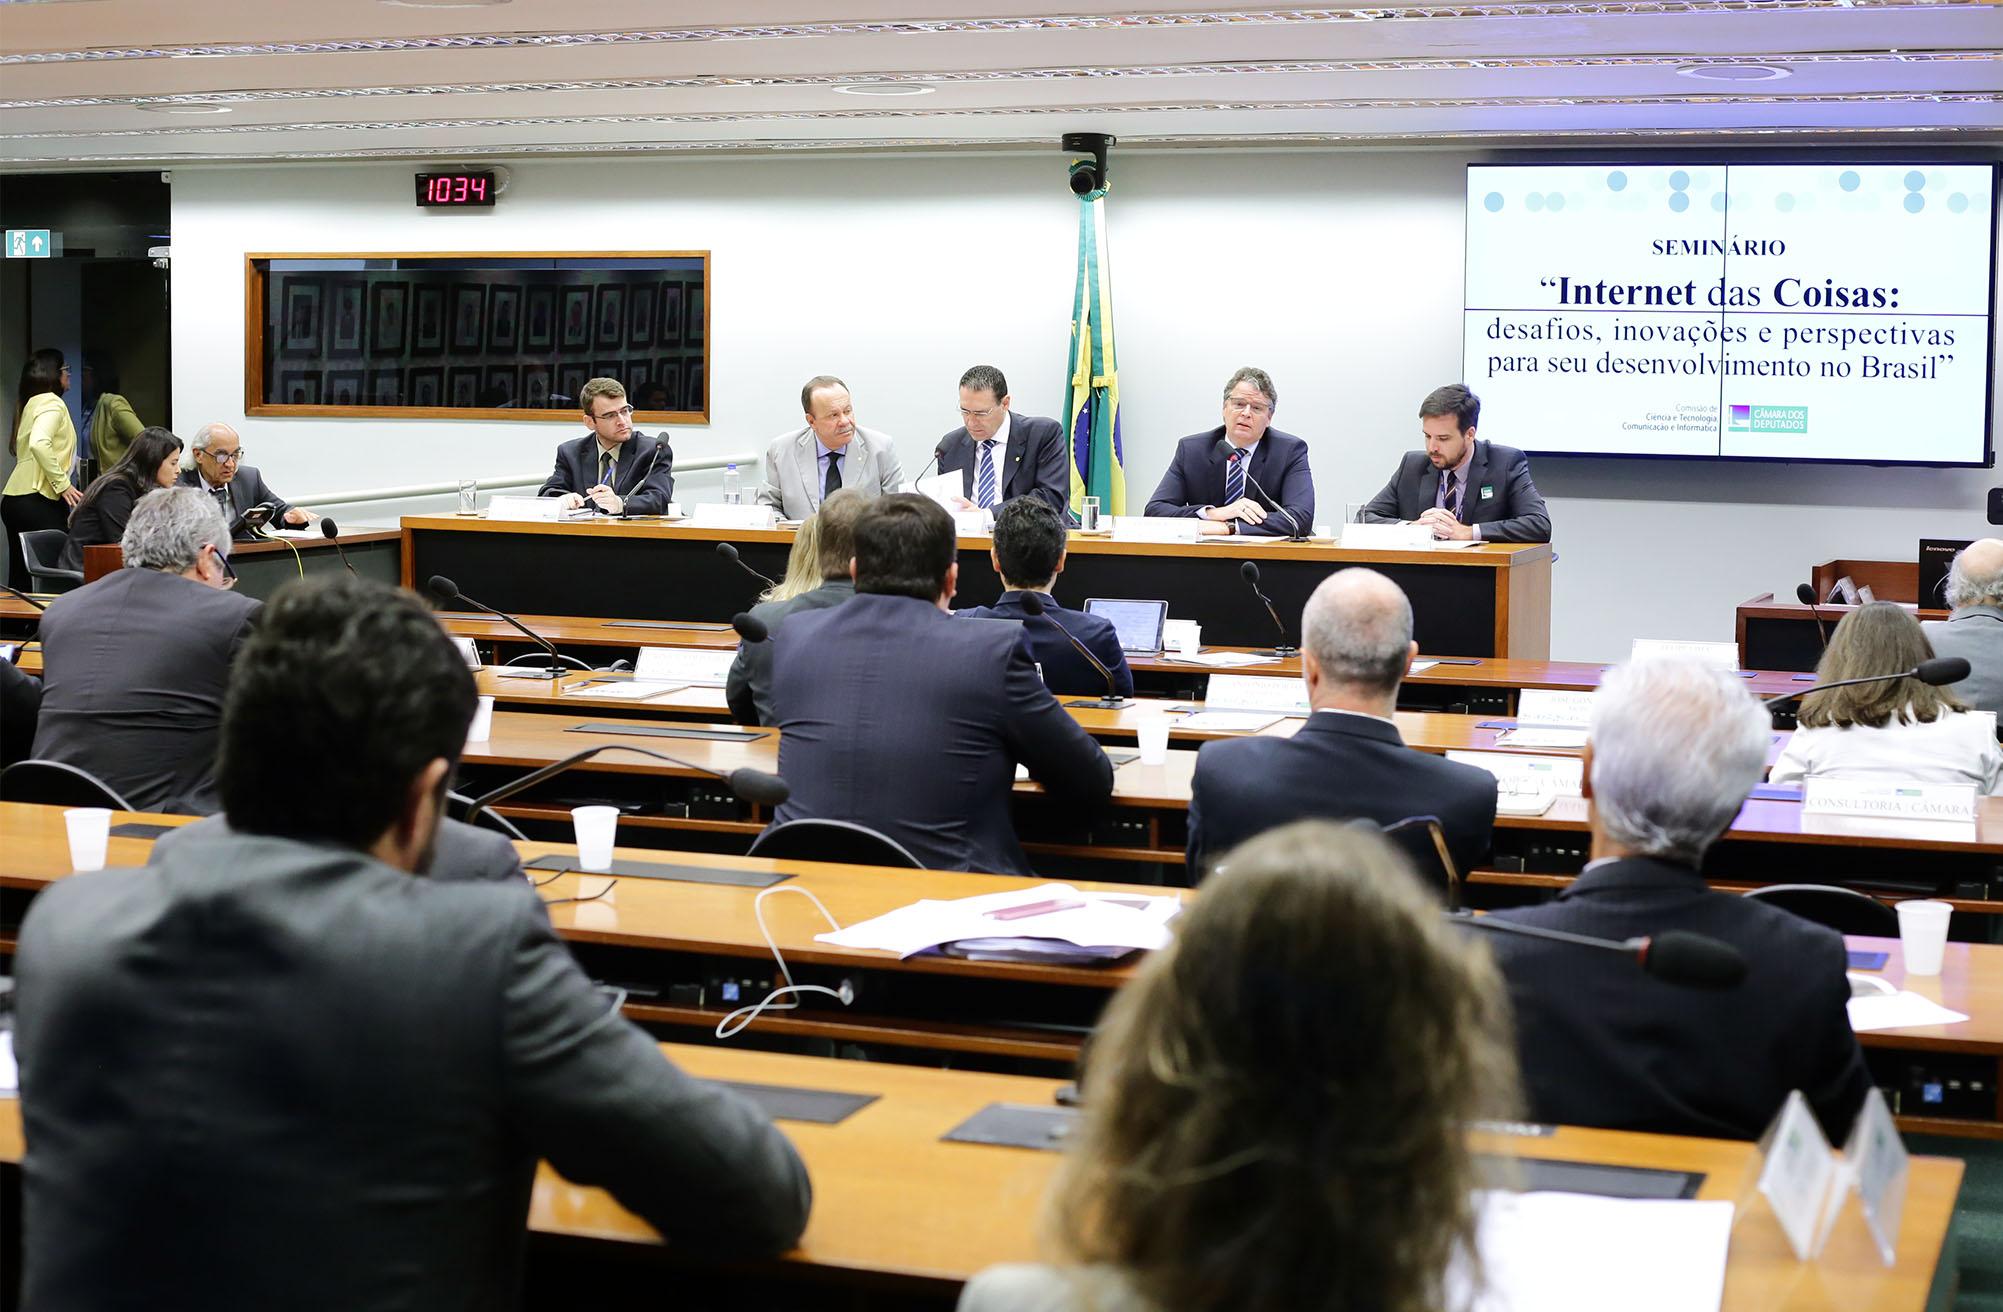 Seminário - Internet das Coisas: desafios, inovações e perspectivas para seu desenvolvimento no Brasil